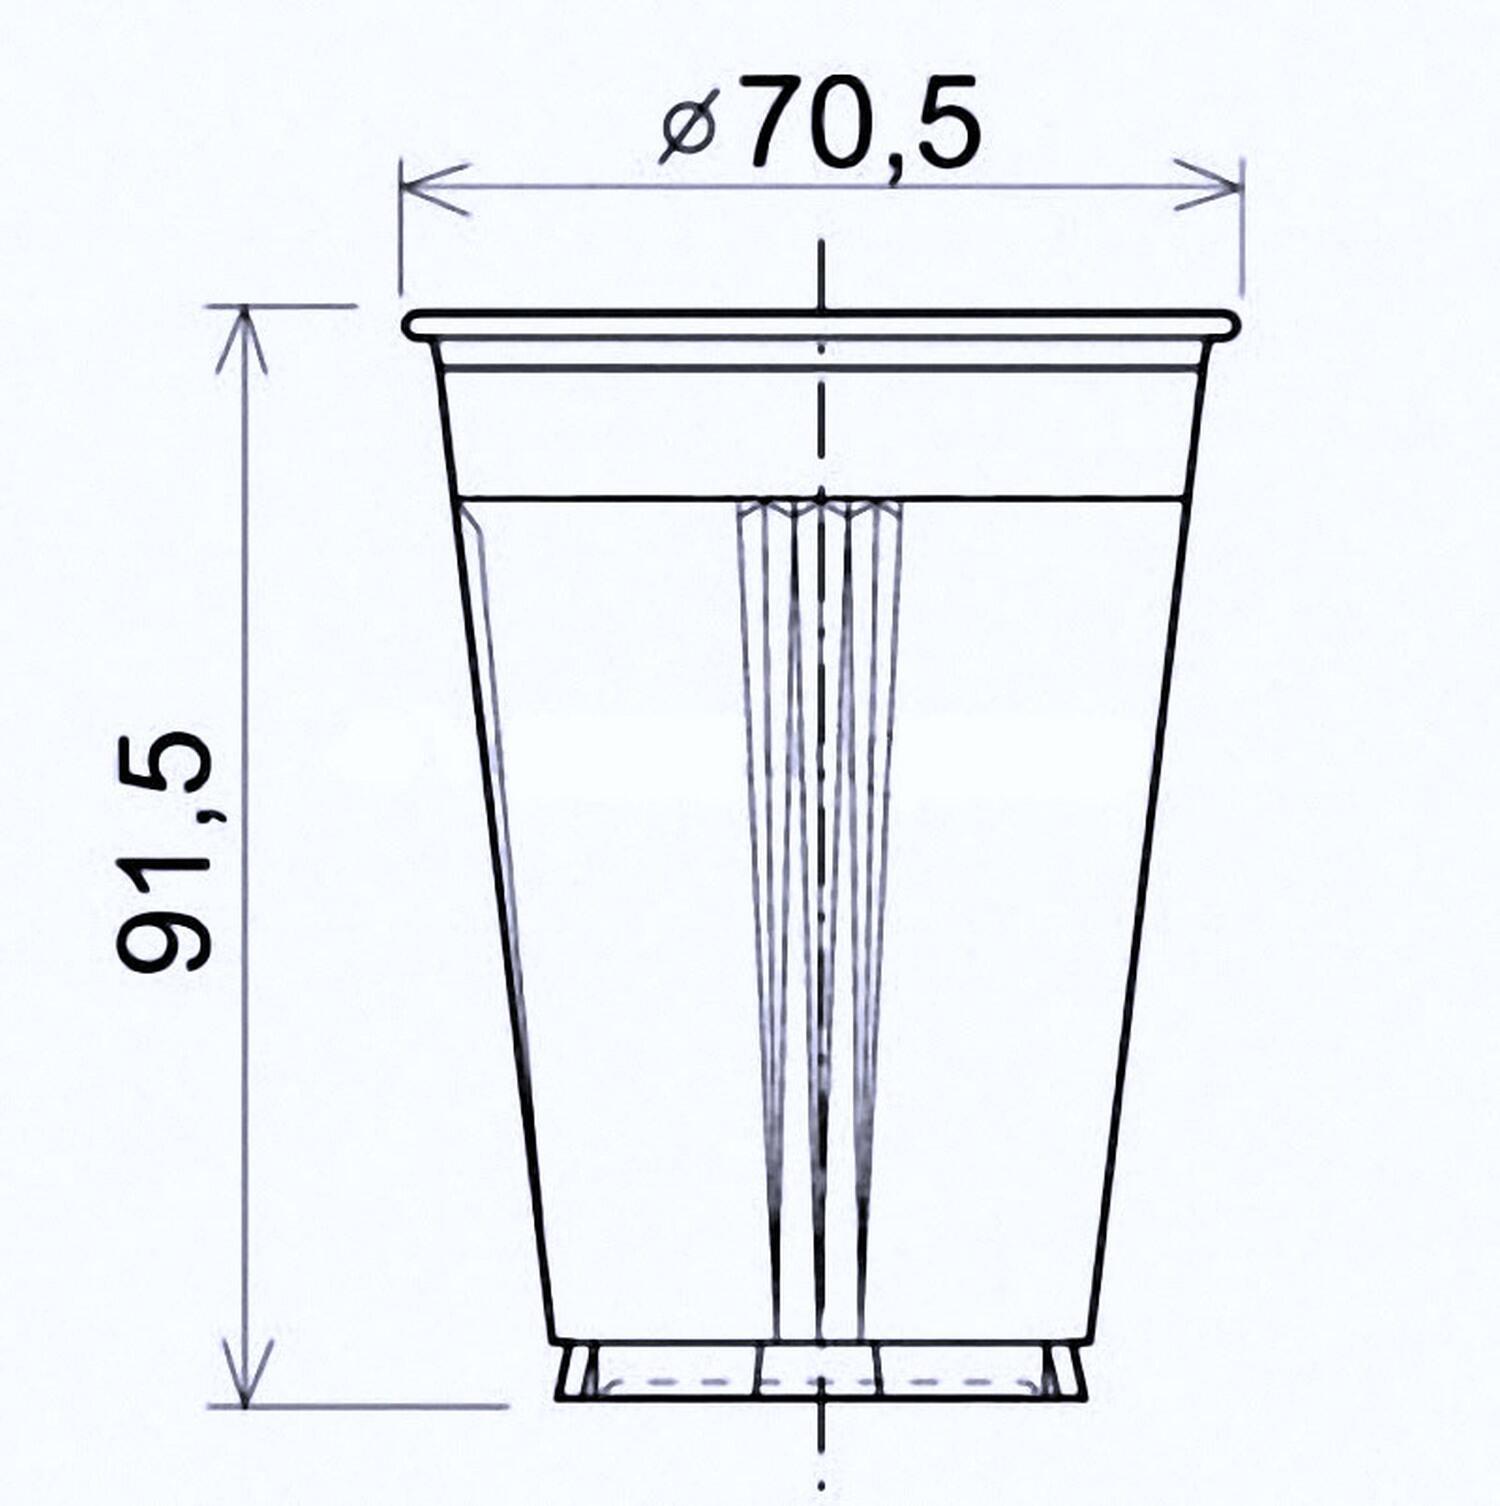 Automatenbecher Heißgetränkebecher braun/weiß geriffelt, 180ml, 100 Stk.